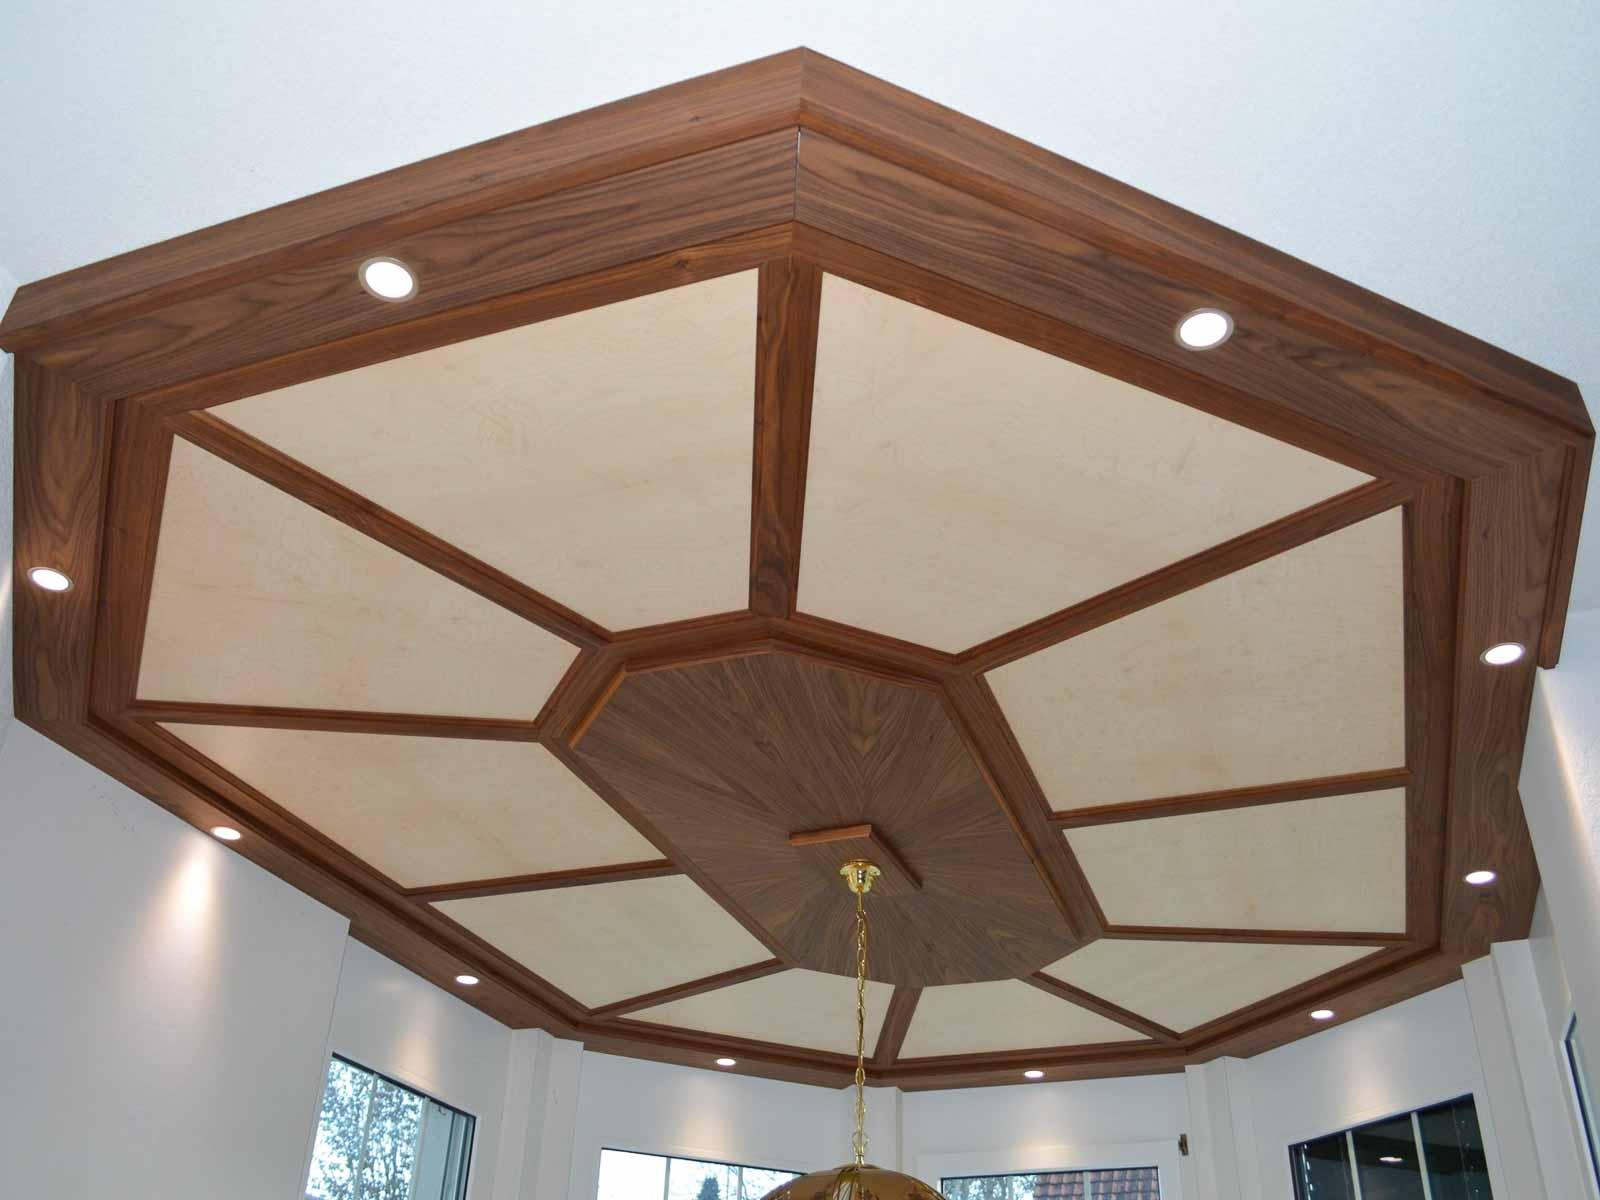 Wooddesign_Holzdesign_Decke_Massivholdecke_Holzfüllungen-LED-Beleuchtung (5)